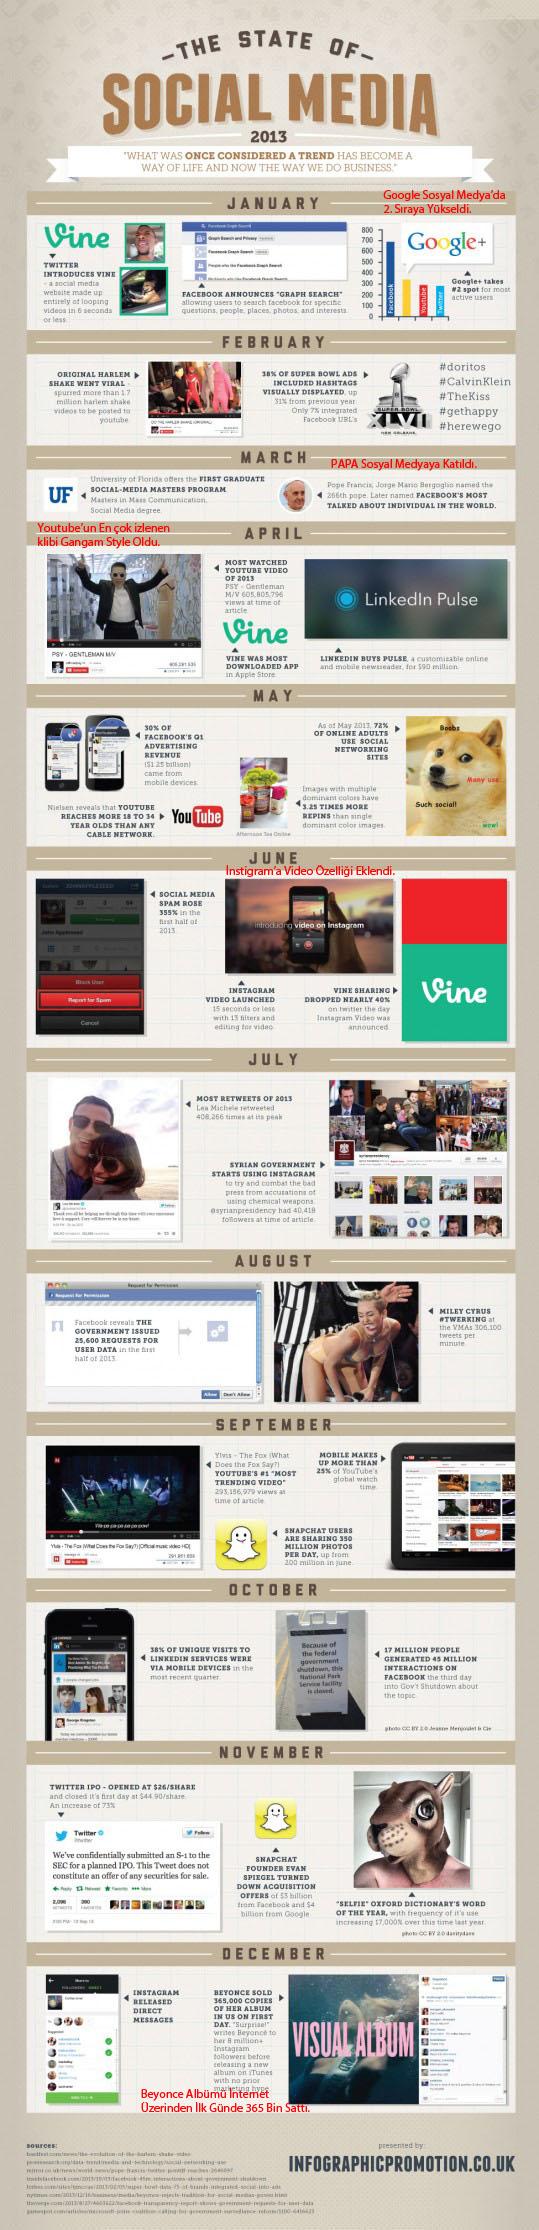 2013'te Sosyal Medyada Neler Oldu?